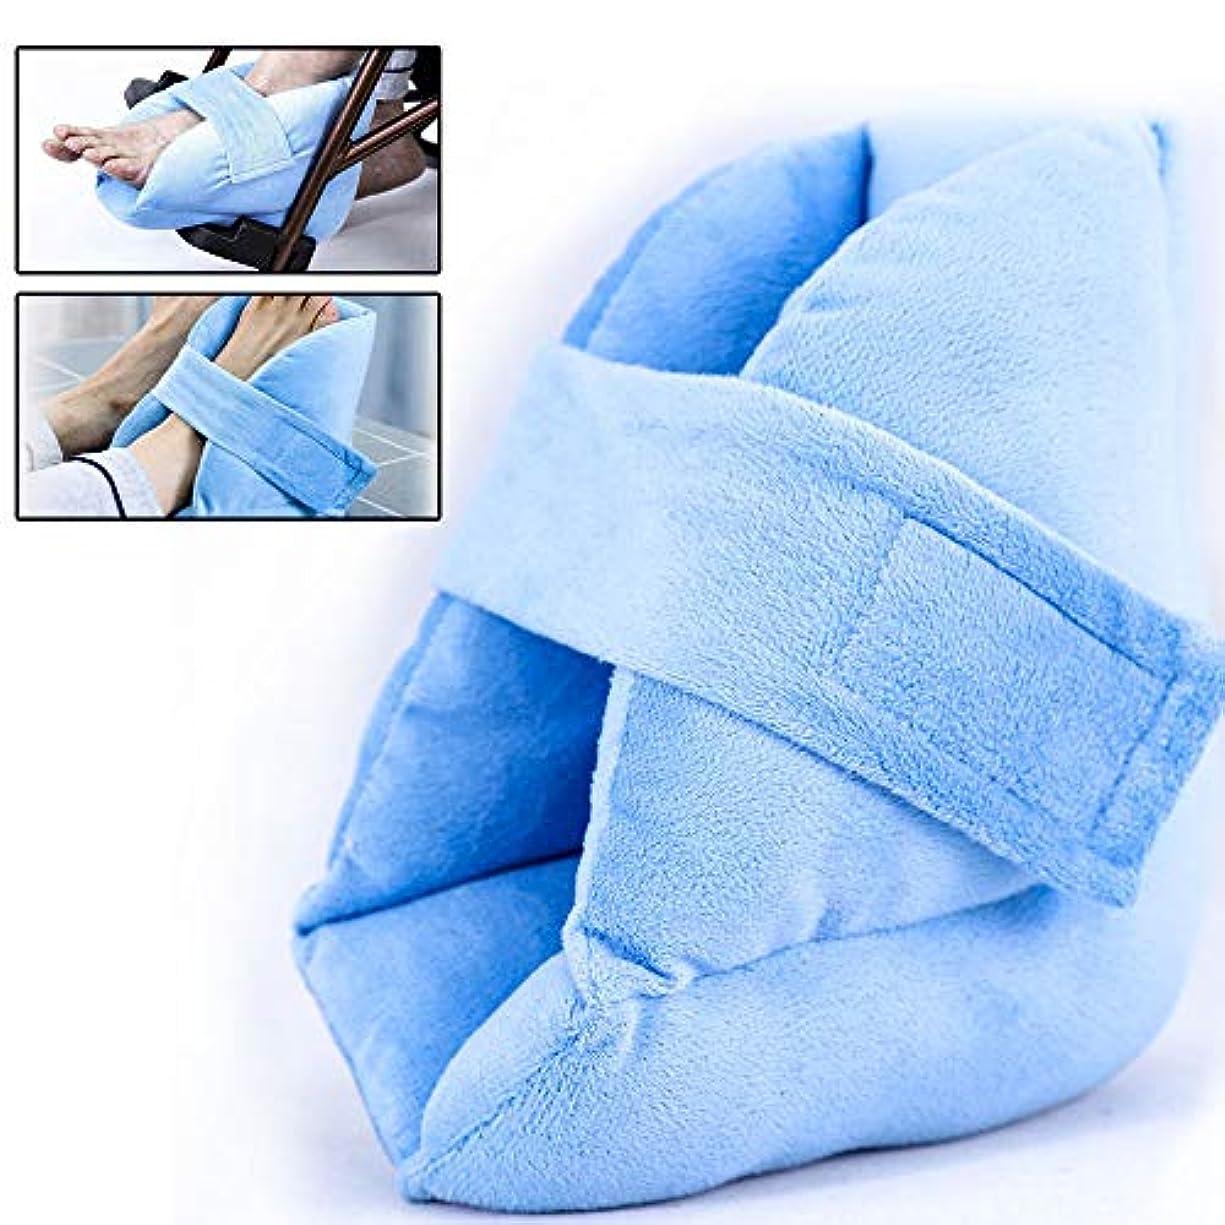 ビーム行為耐えられる通気性スポンジ充填ヒールクッションプロテクター - 足首プロテクター枕 褥瘡とかかとの潰瘍の軽減のため,1Pcs